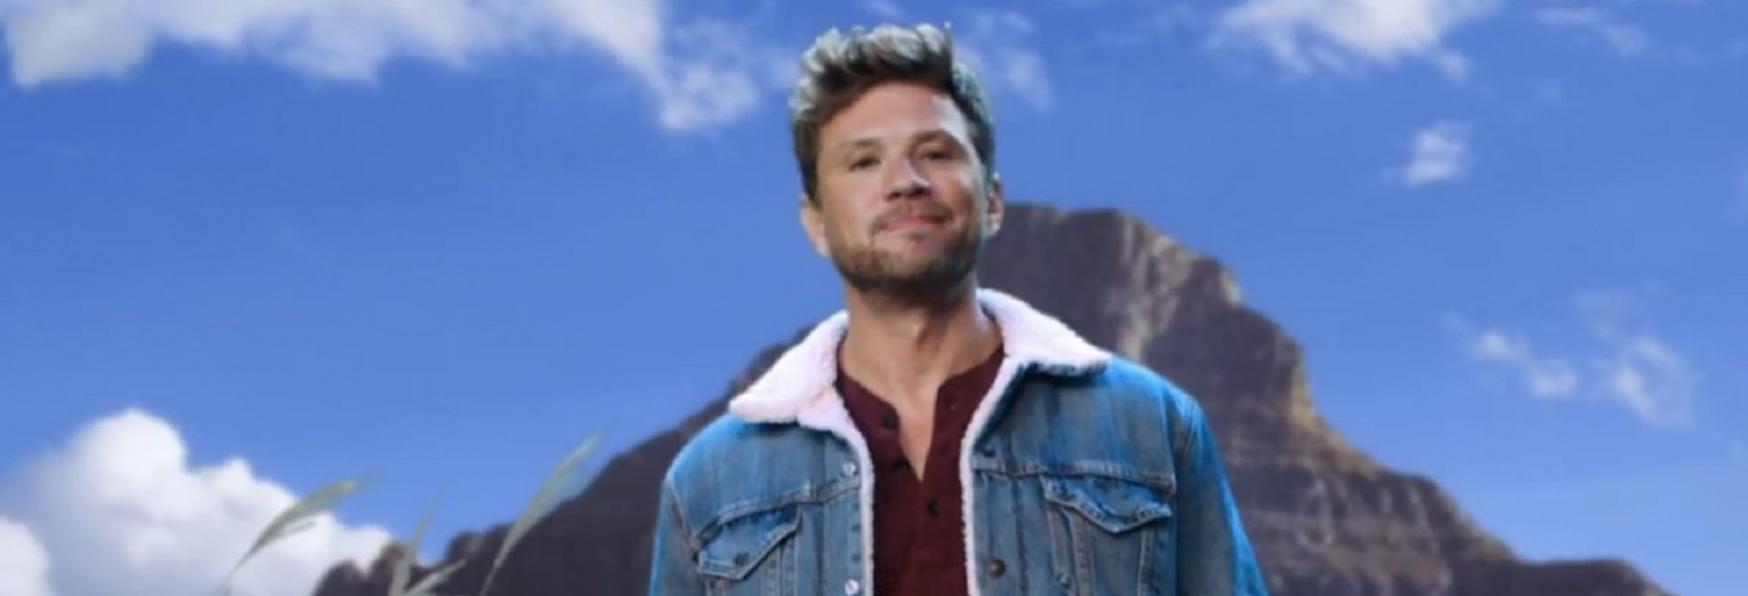 Big Sky: Trama, Cast, Data e Trailer della nuova Serie TV targata ABC